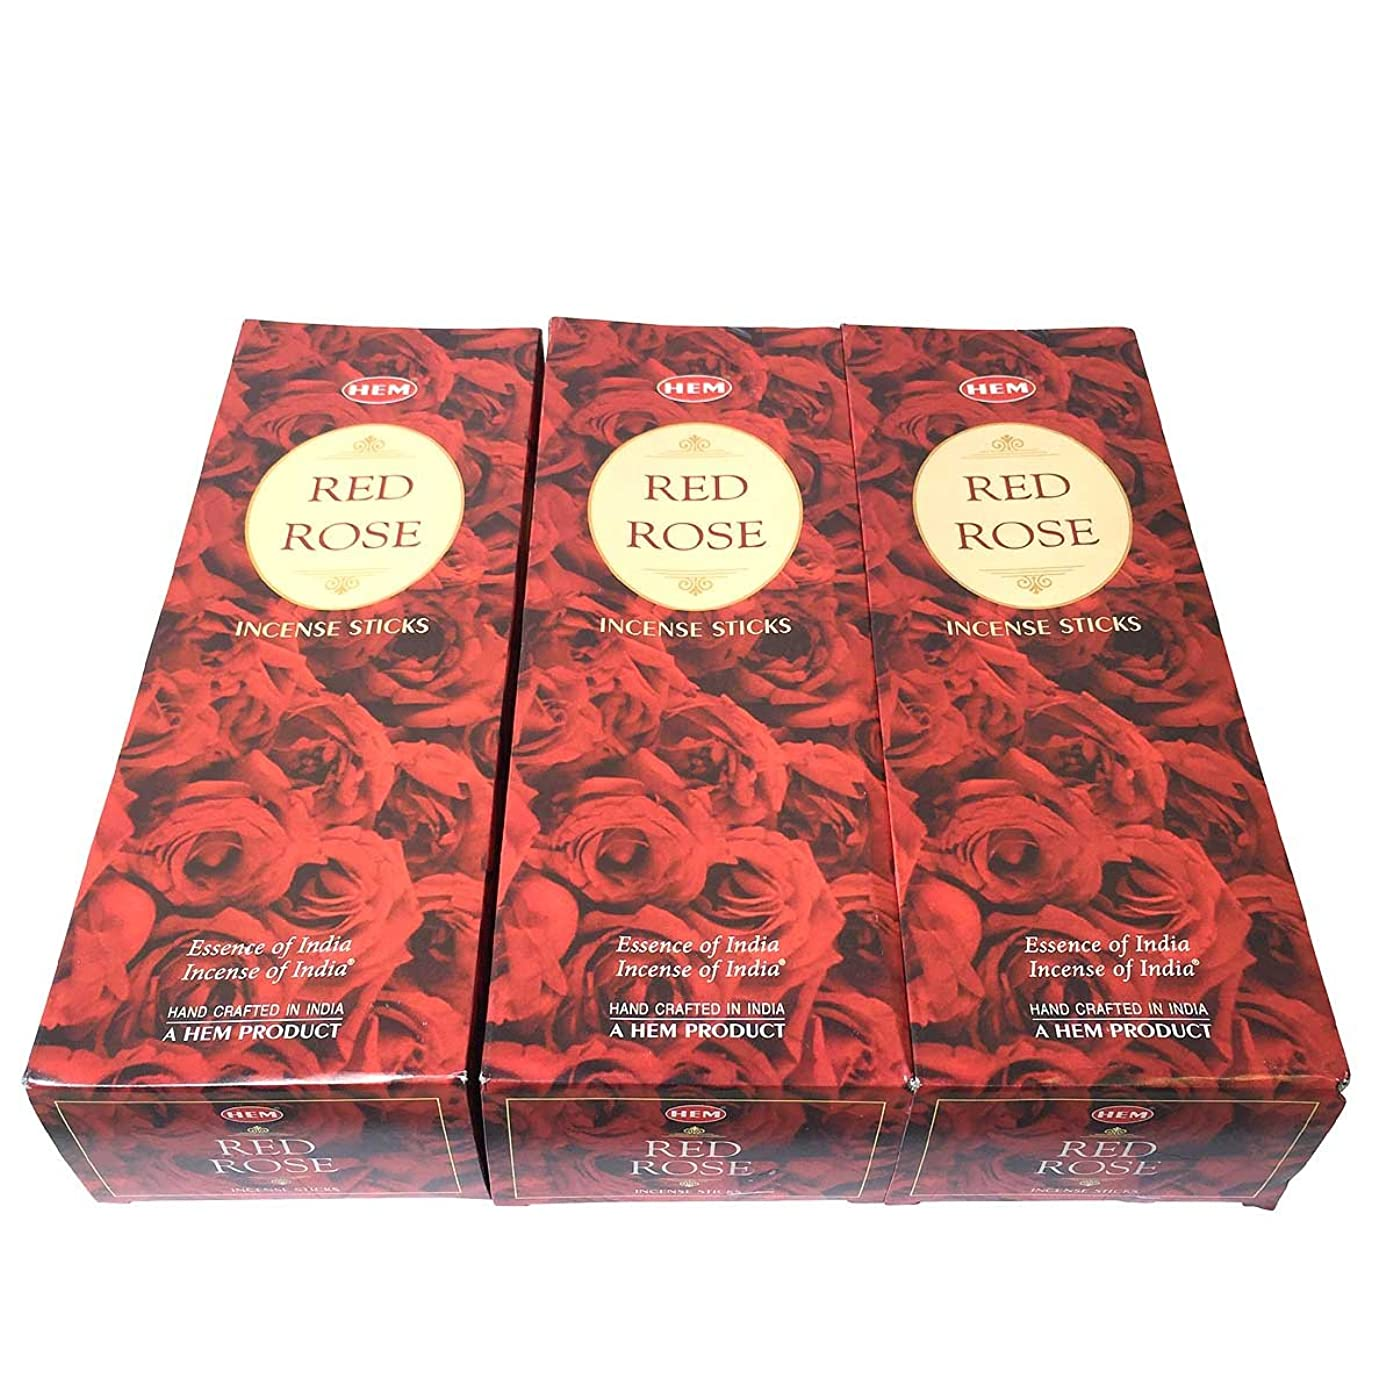 艶安息オセアニアレッドローズ香スティック 3BOX(18箱) /HEM RED ROSE/インセンス/インド香 お香 [並行輸入品]